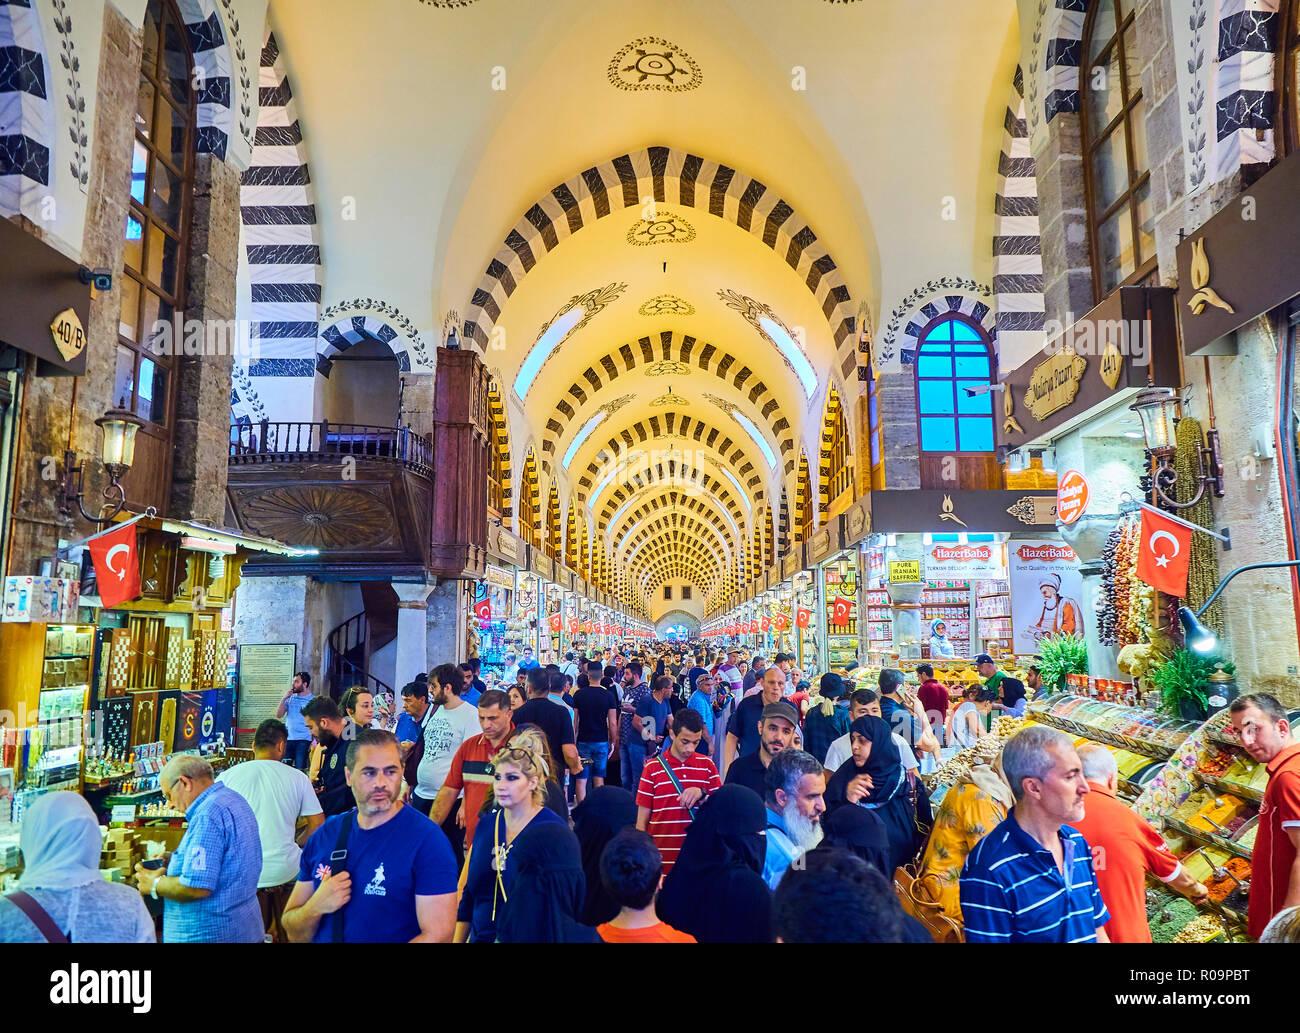 fe0fee2a412c Les touristes à Misir Carsisi, le marché aux épices de district Eminonu,  Istanbul, Turquie.